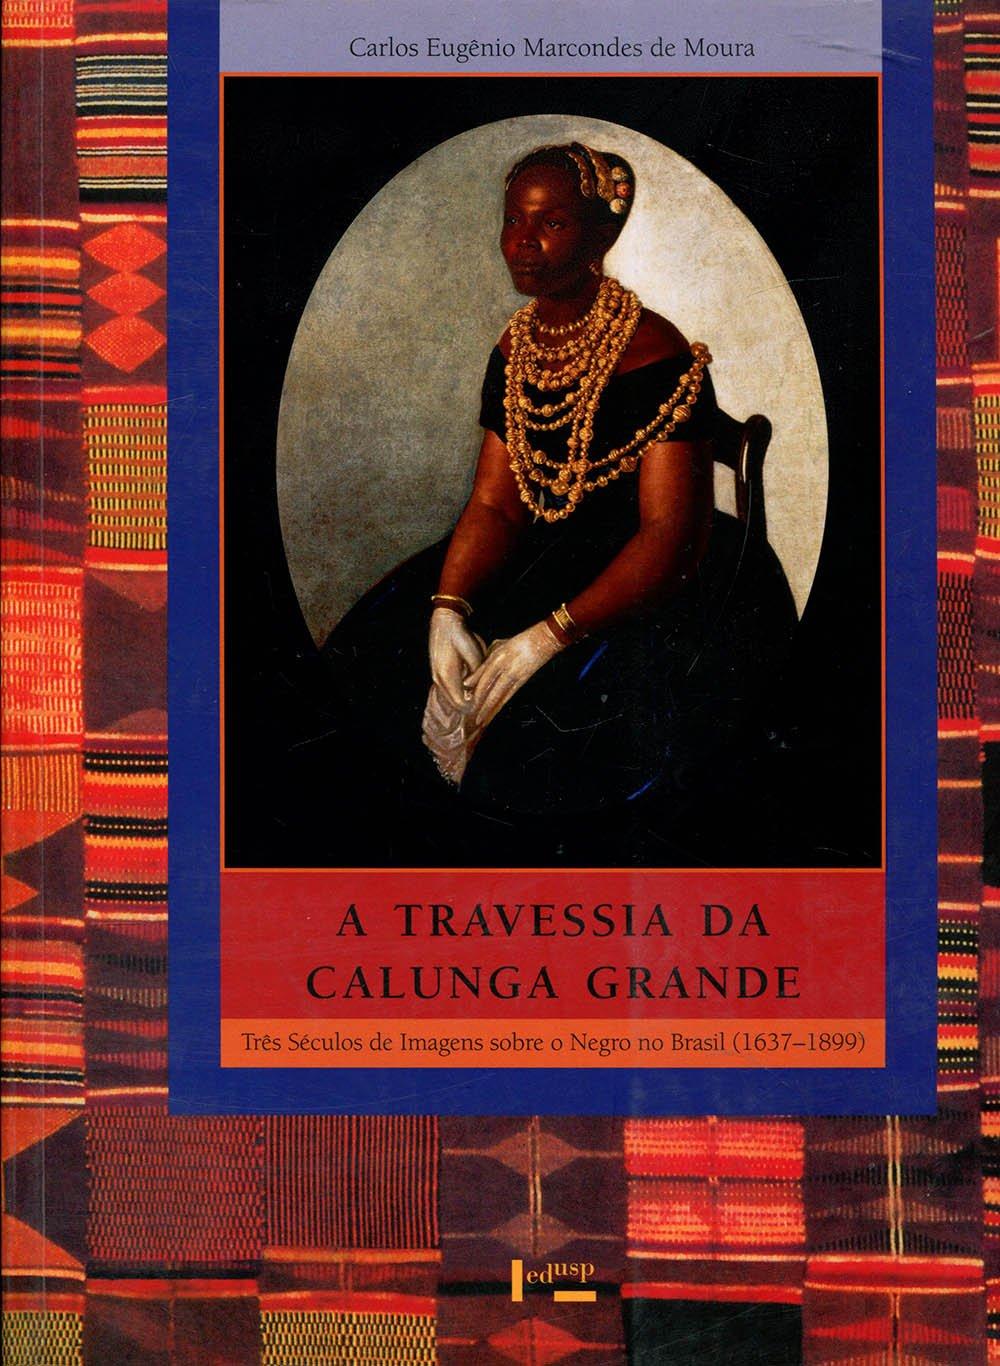 A travessia da Calunga Grande: Três séculos de imagens sobre o negro no Brasil, 1637-1899 (Série Uspiana--Brasil 500 anos) (Portuguese Edition)